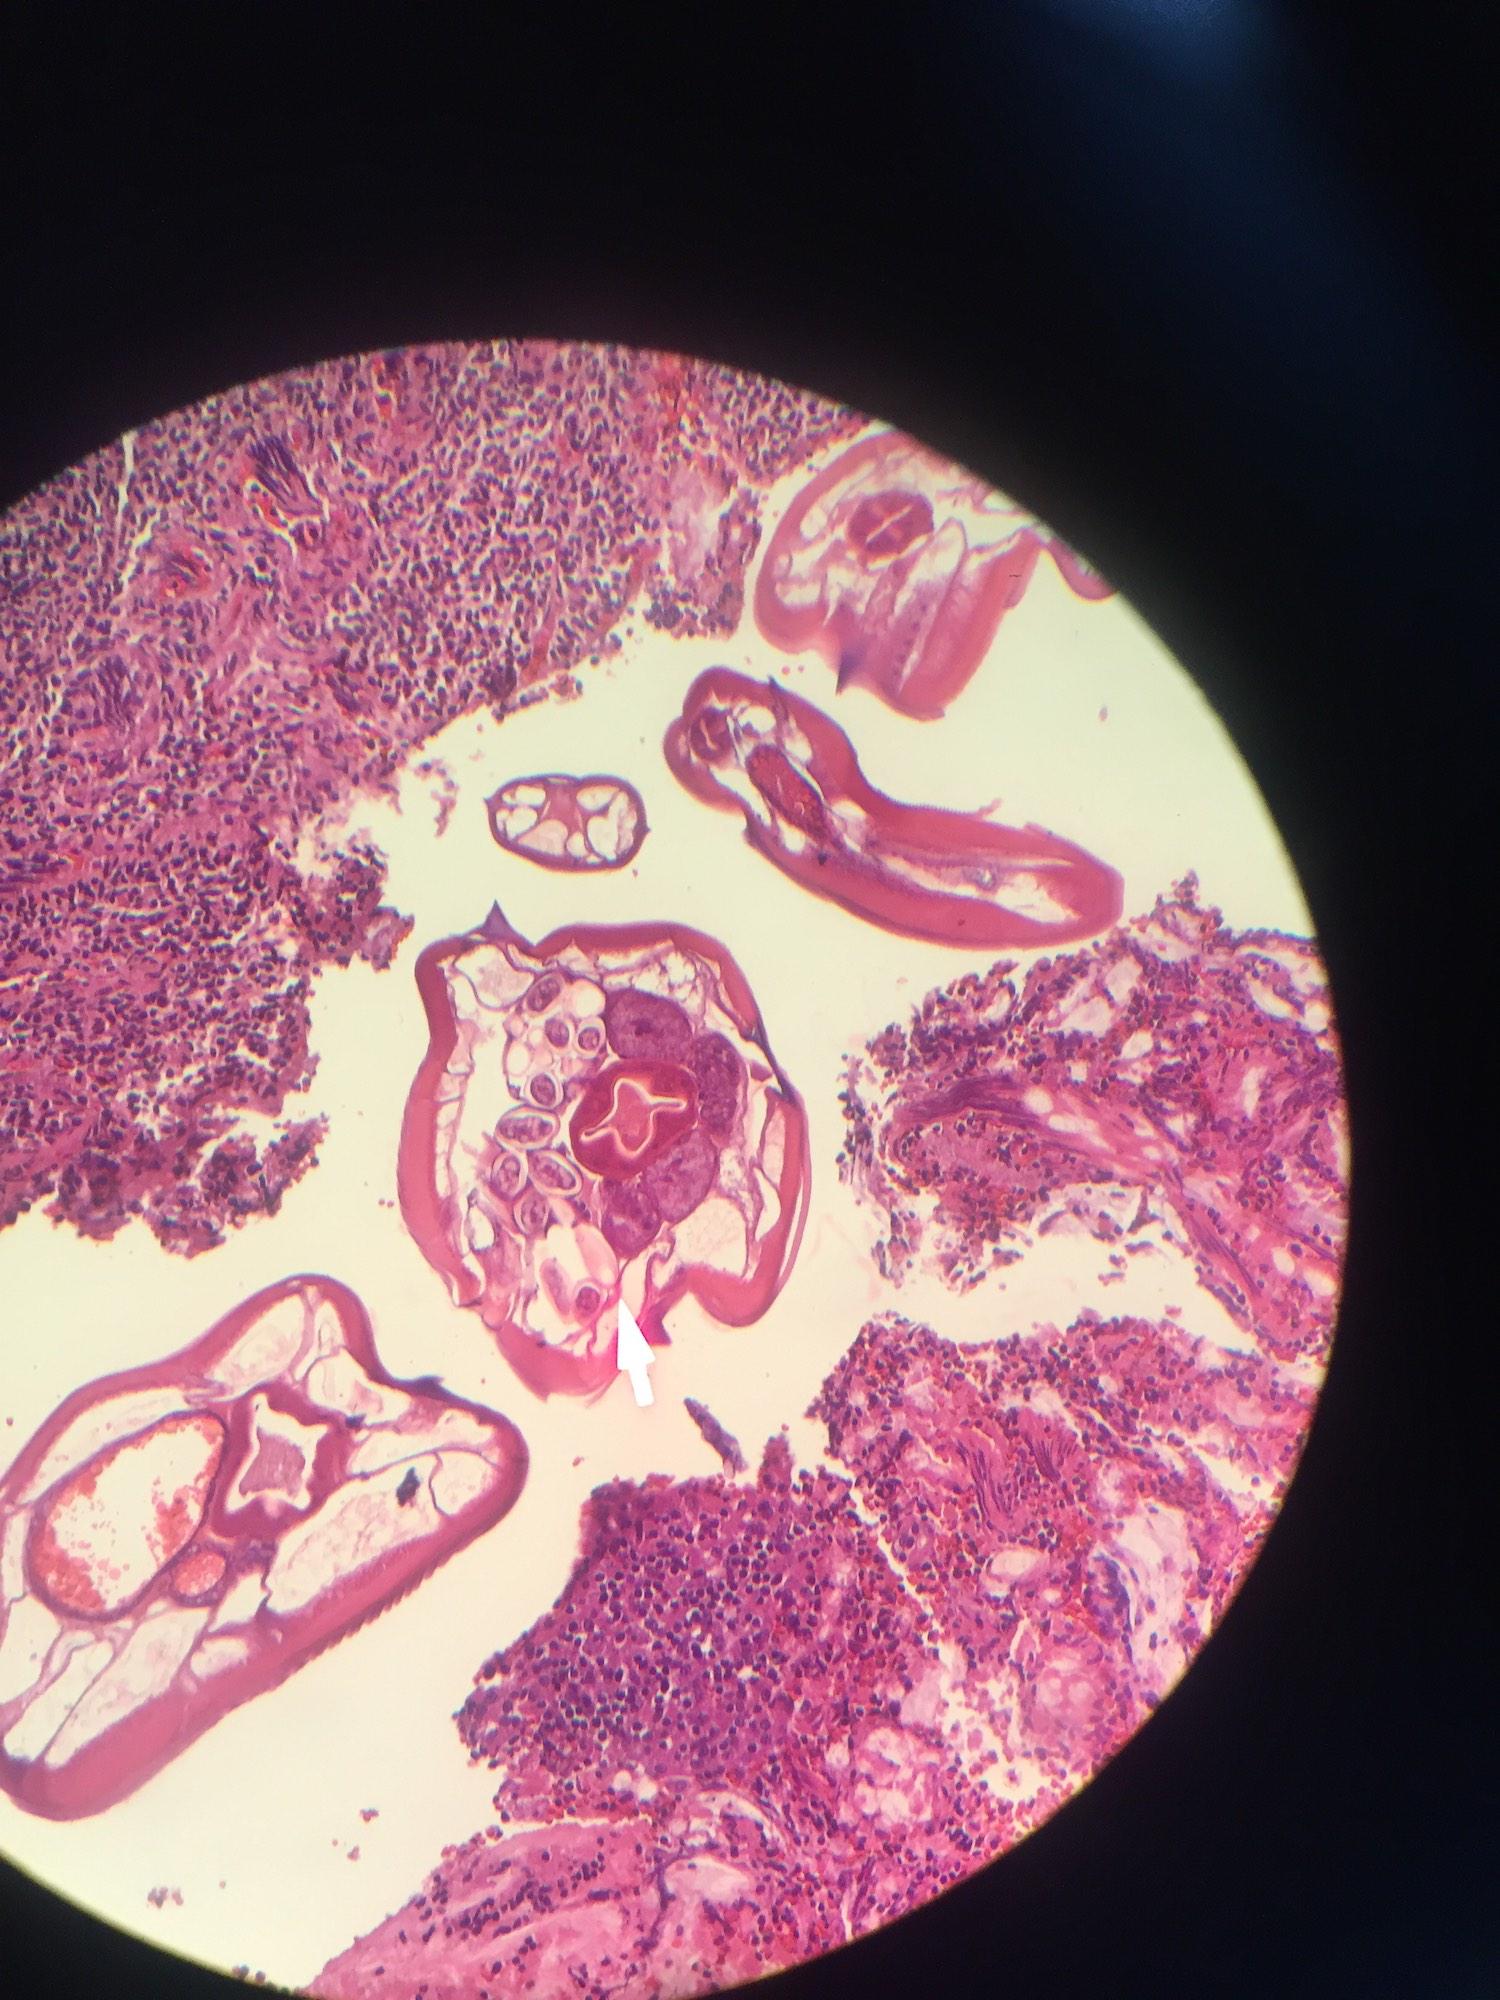 enterobius vermicularis appendix